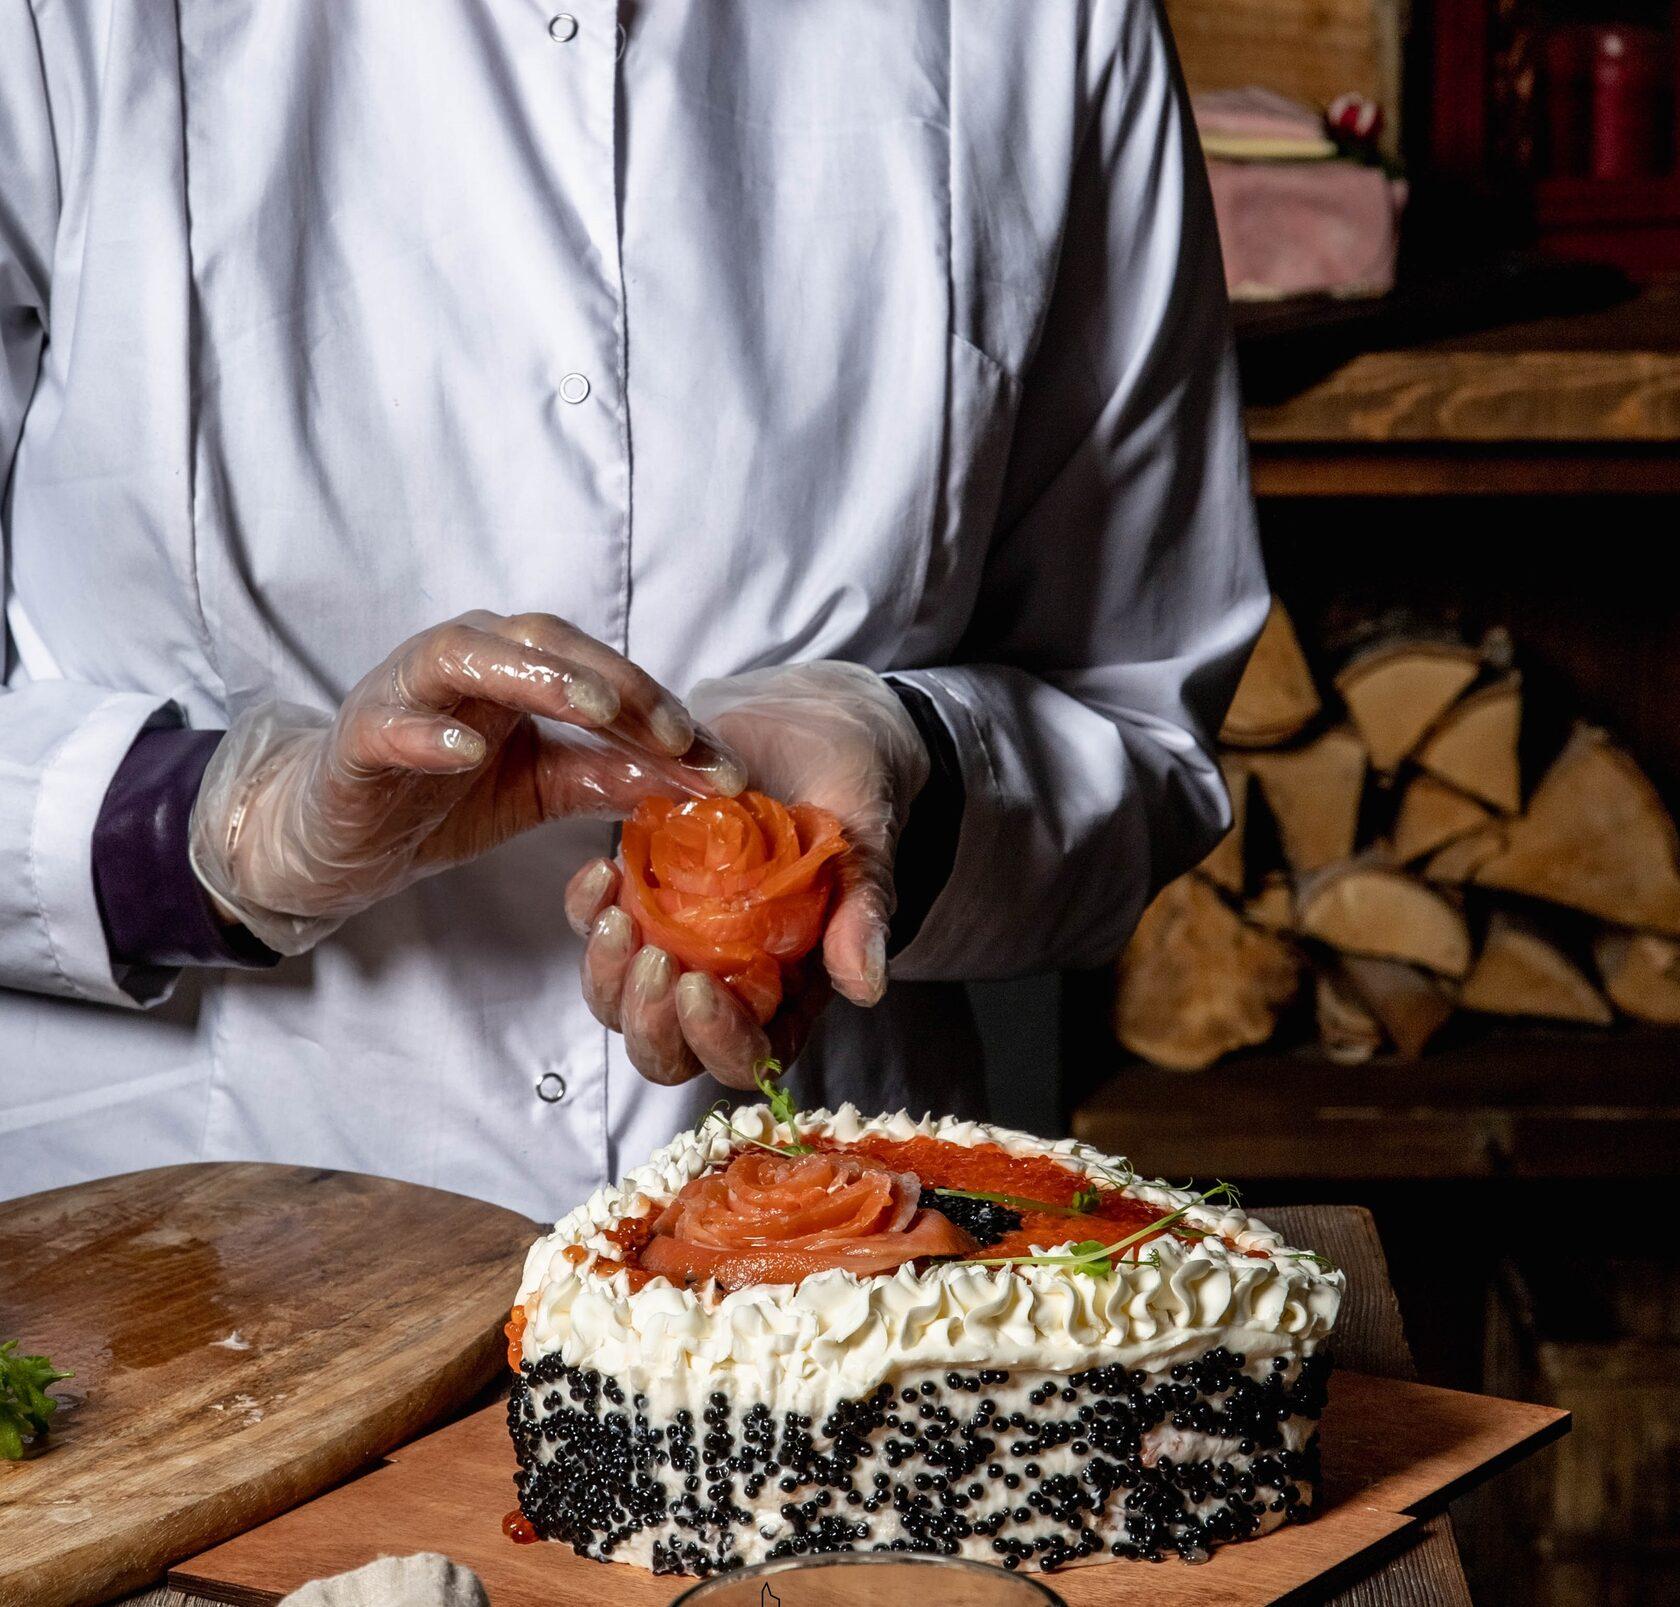 рыбный торт, торт с сёмгой, торт с икрой, торт с треской, торт мимоза, торт с рыбой